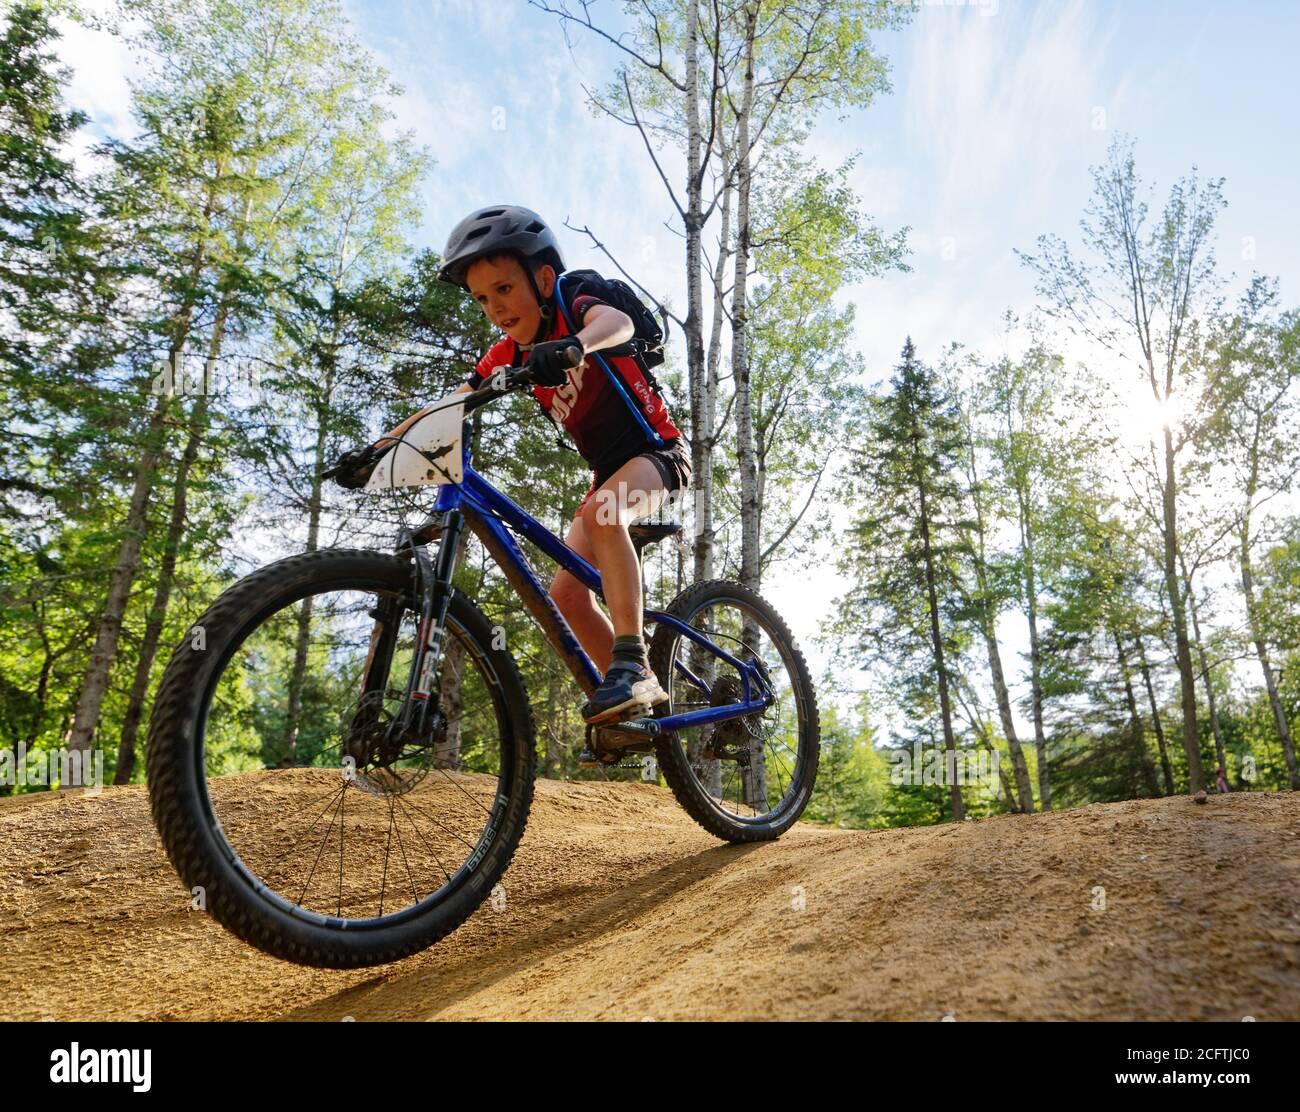 Un niño pequeño (8 años) saltando en su bicicleta de montaña Foto de stock